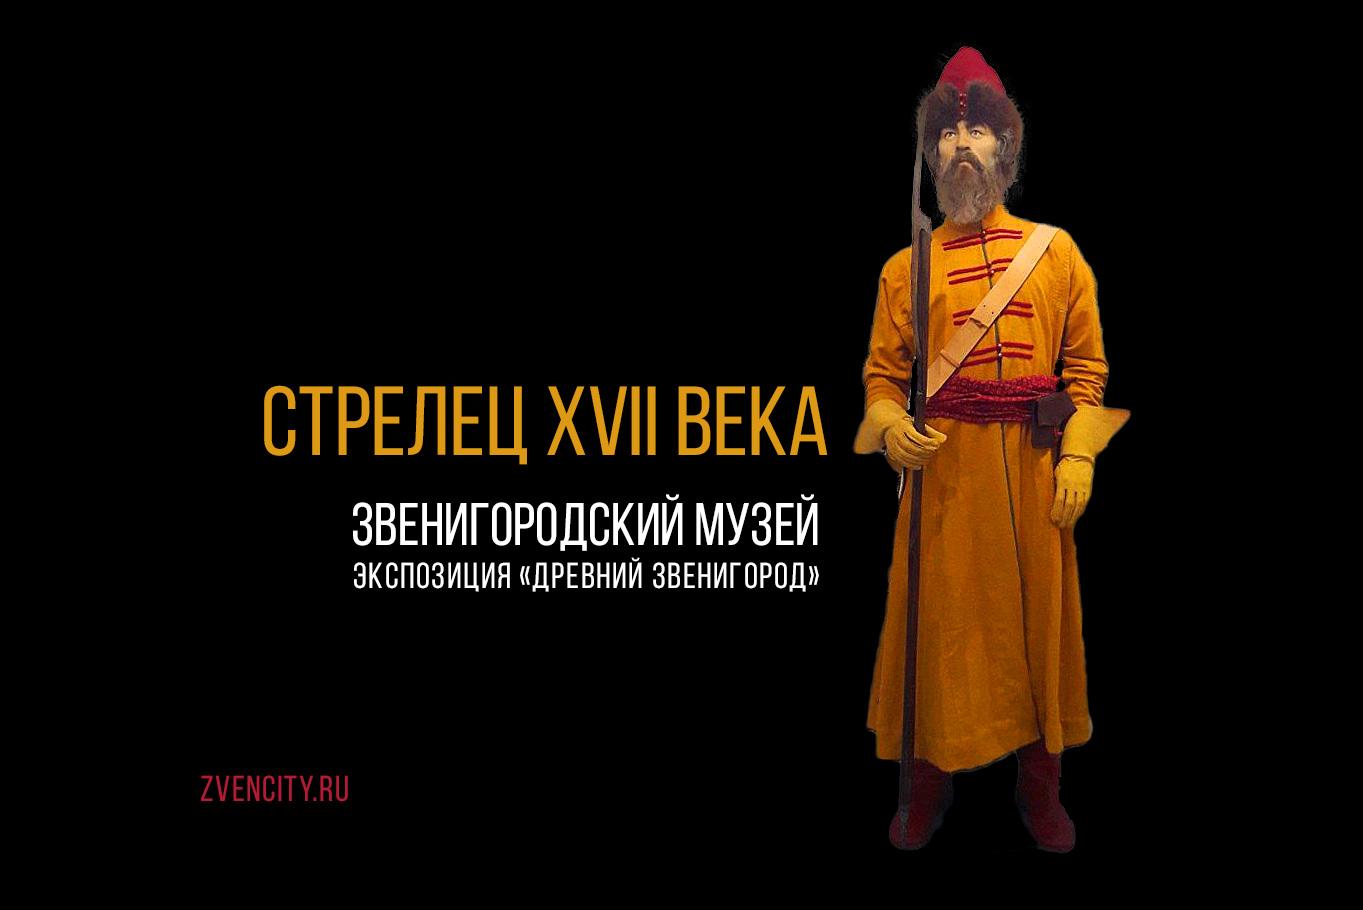 В Звенигороде появился стрелец XVII века